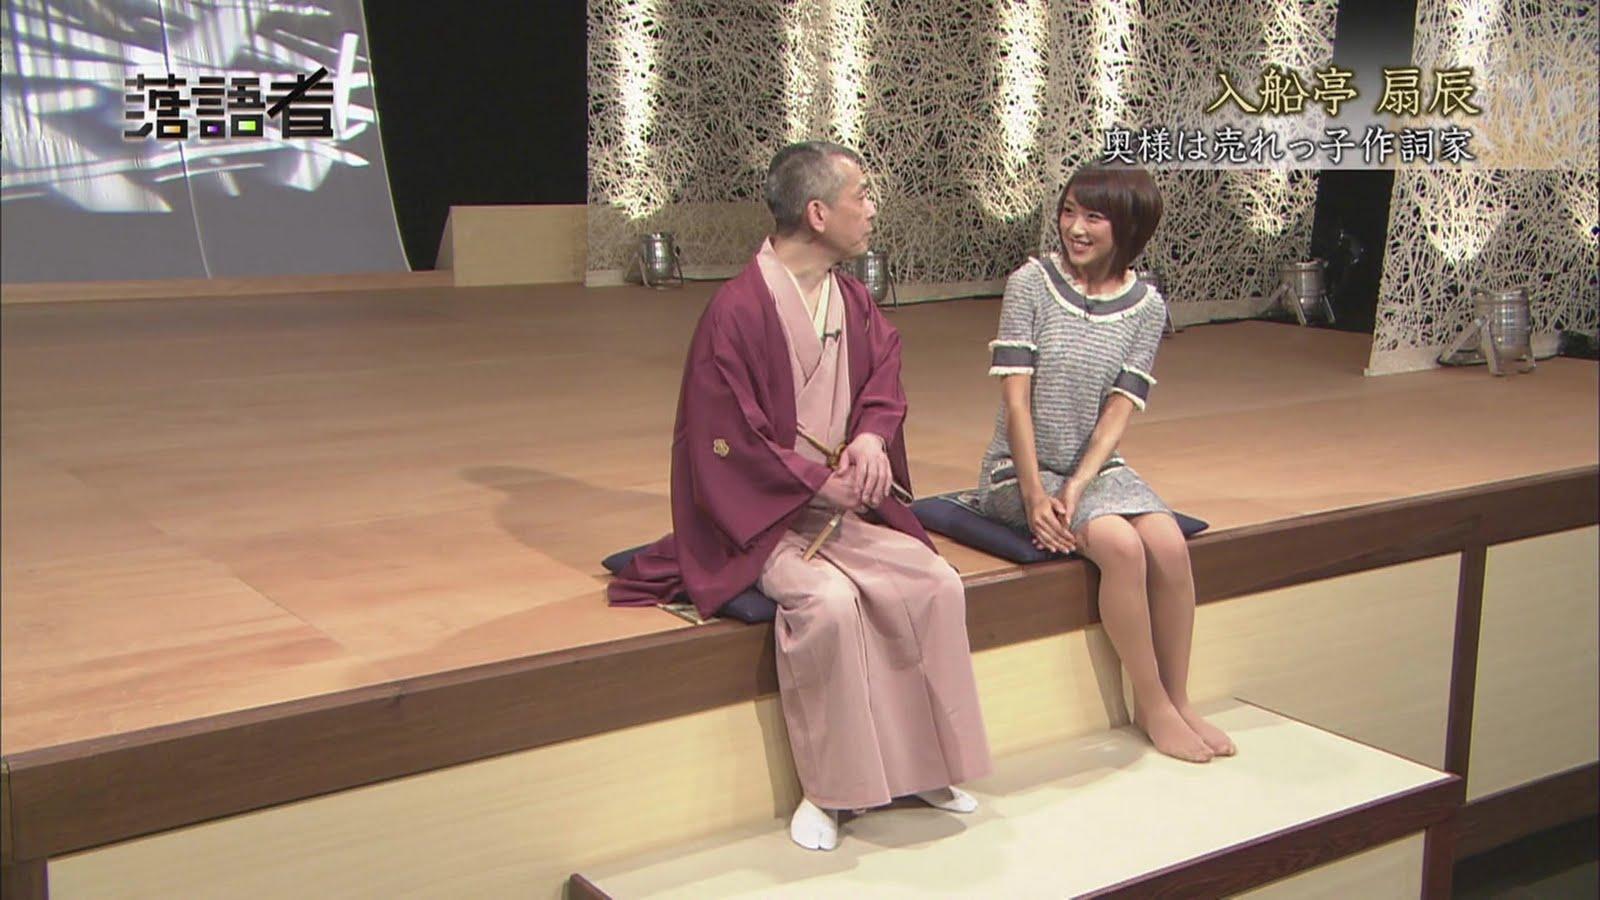 竹内由恵 落語者 : 【可愛すぎる...